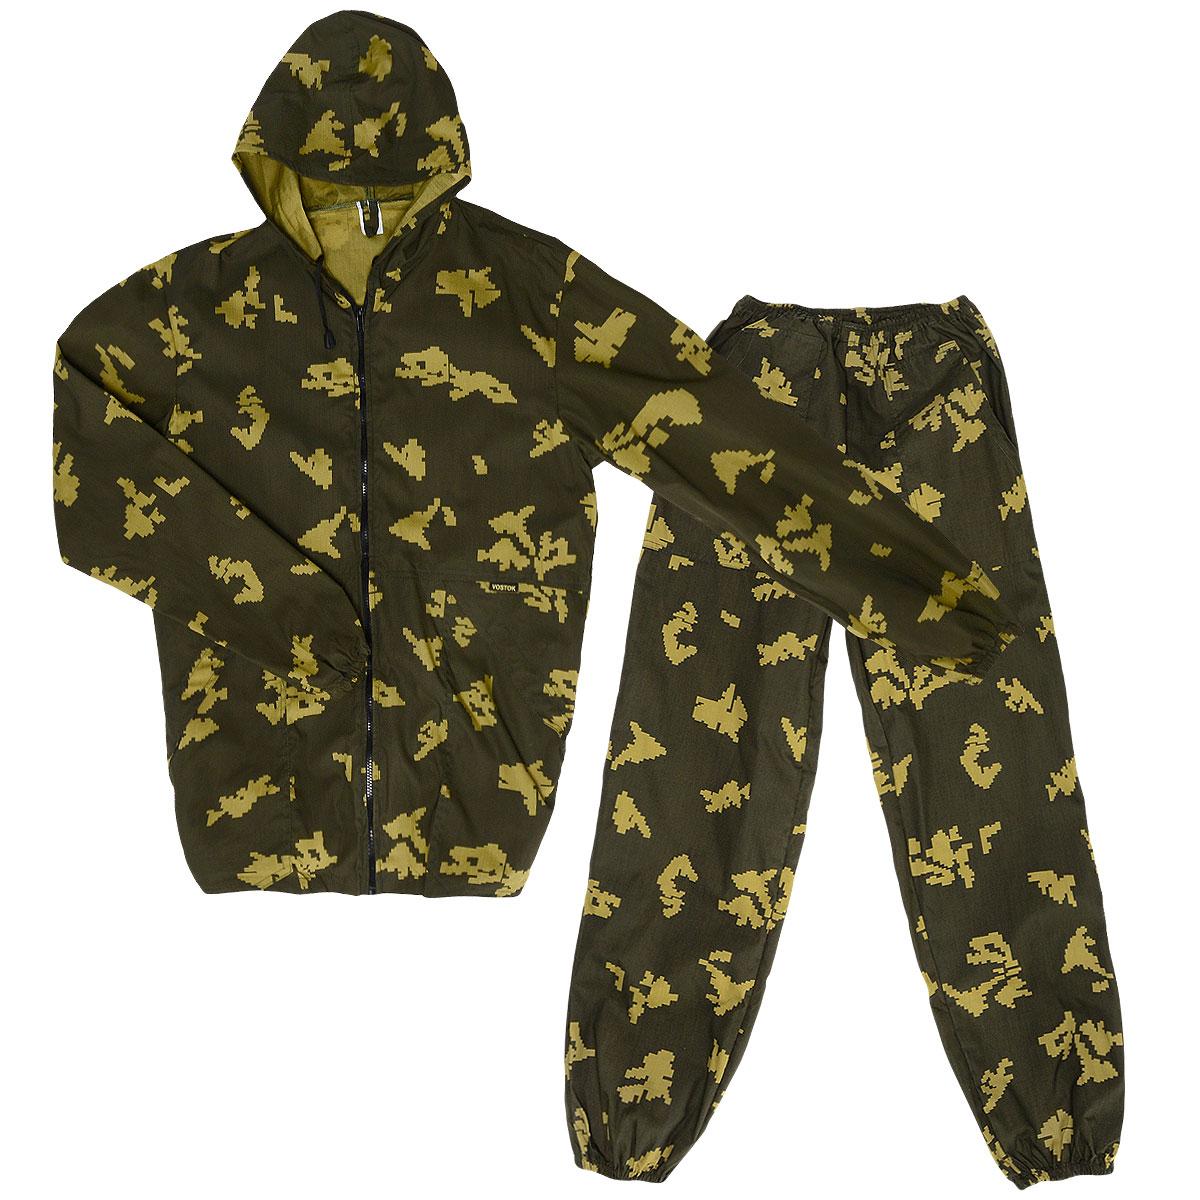 Костюм охотничийVSN-PКостюм маскировочный мужской Norfin Снайпер, состоящий из куртки и брюк, - отличный костюм для любого отдыха в жаркую погоду, в том числе активного (от +12 до +25°С). Прочный материал благодаря хлопку дышит, а полиэстер дает прочность. Куртка свободного кроя с капюшоном застегивается по всей длине на пластиковую застежку- молнию. Капюшон не отстегивается и дополнен скрытым шнурком. Низ рукавов и низ изделия дополнены внутренней эластичной резинкой. Спереди модель дополнена двумя накладными карманами под планкой. На левом рукаве также предусмотрен накладной карман с клапаном на липучке. Брюки свободного кроя на талии дополнены эластичным поясом со скрытым шнурком. Низ брючин дополнен внутренней резинкой. Спереди предусмотрены два вместительных накладных кармана. Костюм выполнен в маскировочной расцветке «Пограничник». УВАЖАЕМЫЕ КЛИЕНТЫ! Обращаем ваше внимание, что костюм поставляется в двух оттенках цвета хаки. Оба варианта оттенка...